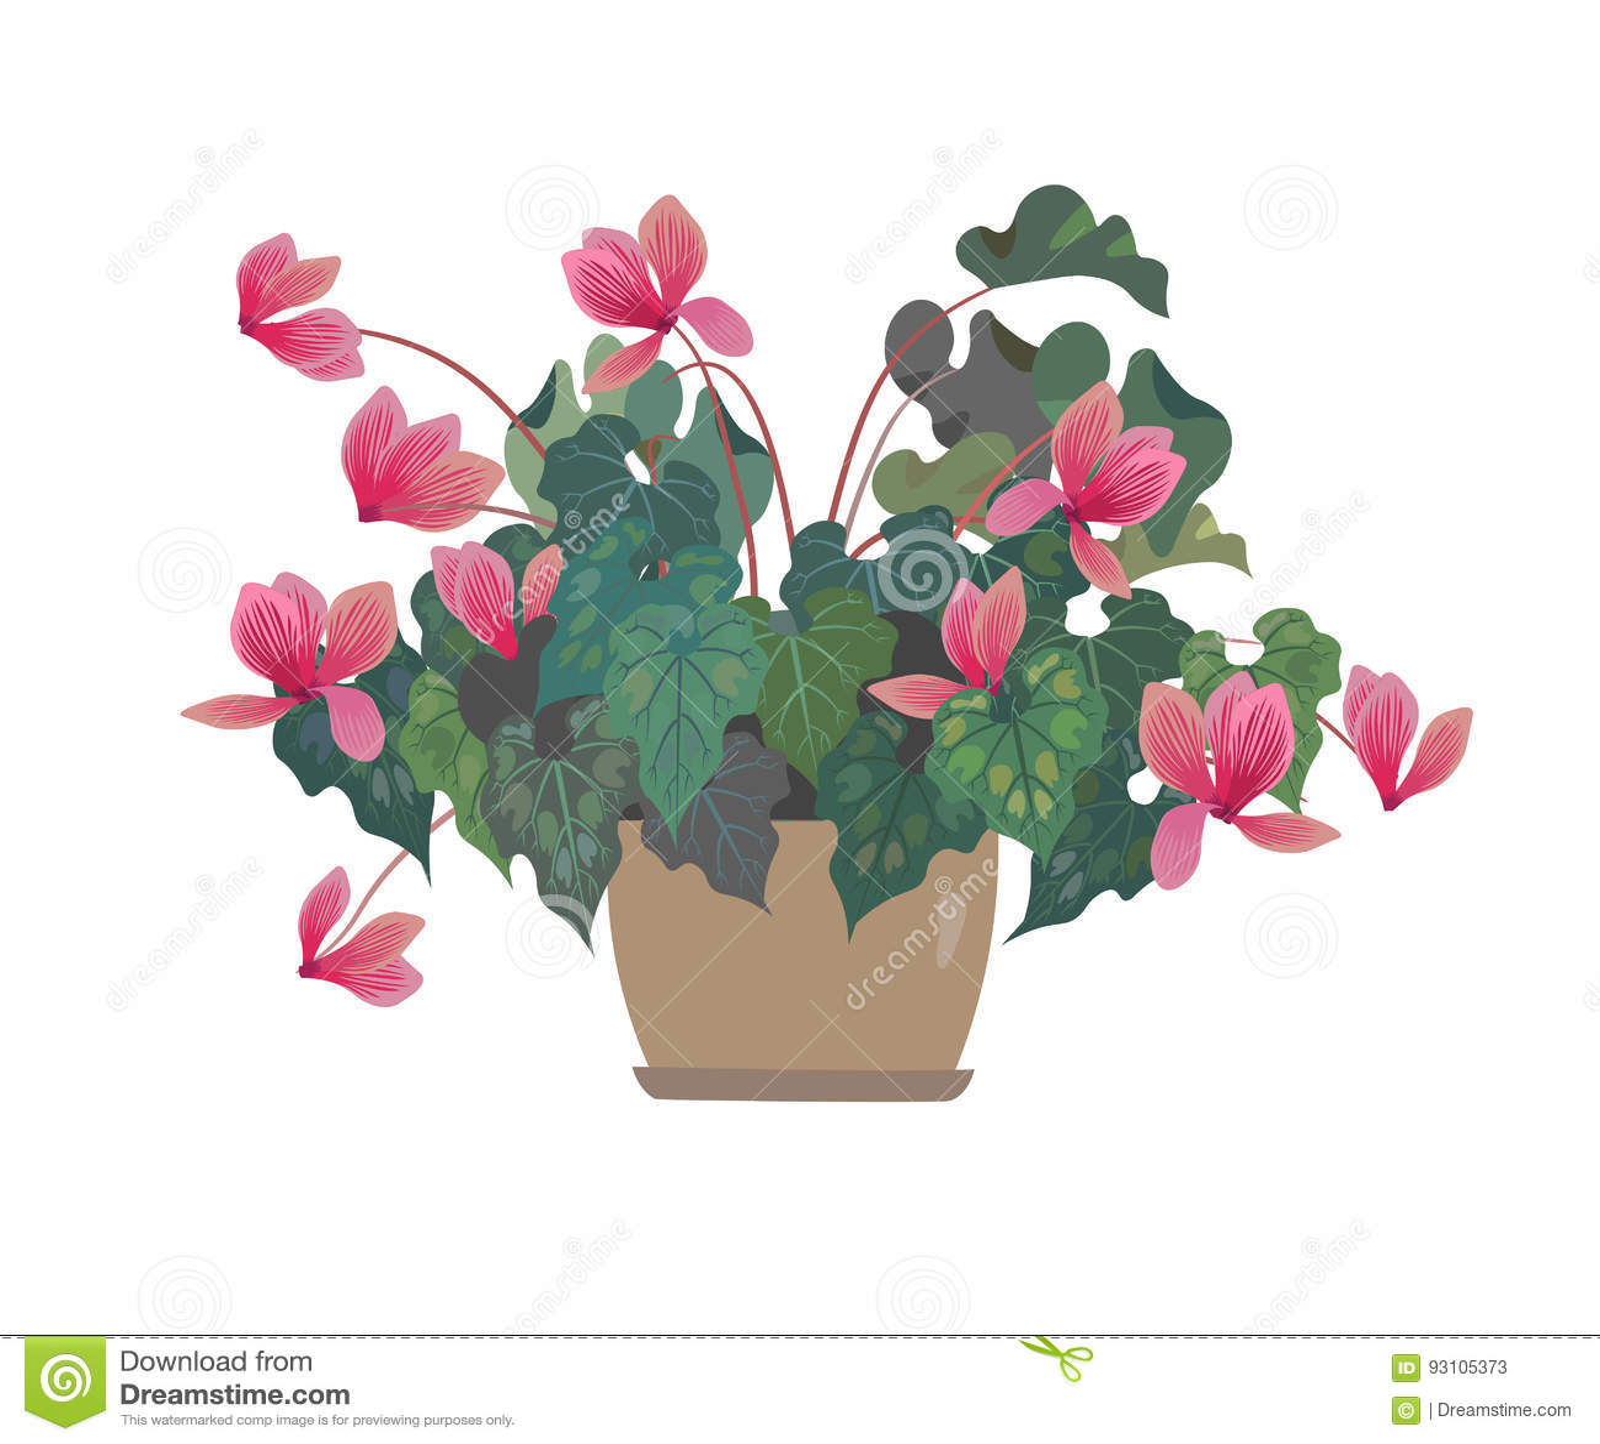 Vektor för blommaillustrationkruka cyclamen pinken backfround blommar home isolerat över white